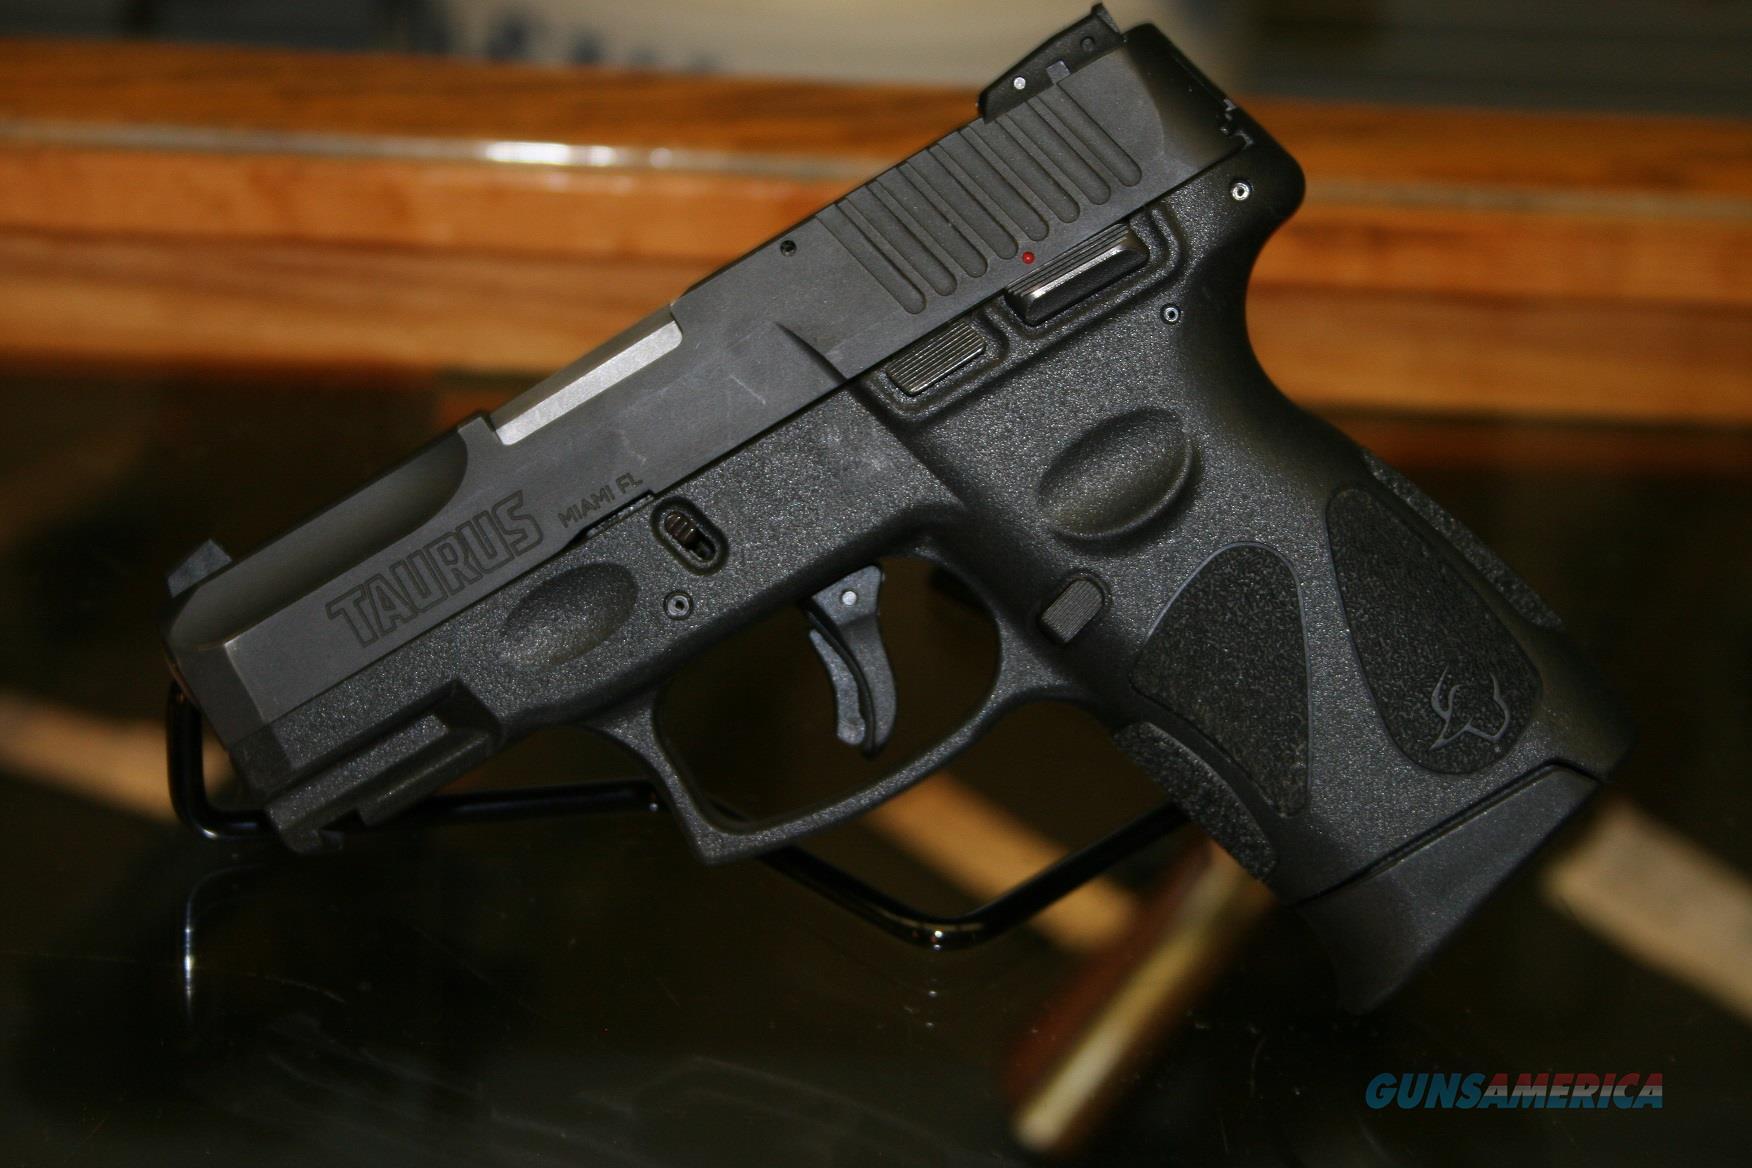 """Taurus PT111 G2C Semi Auto Pistol 9mm Luger 3.2"""" Barrel 12 Rounds 3 Dot Sights Black Slide and Polymer Frame  Guns > Pistols > Taurus Pistols > Semi Auto Pistols > Polymer Frame"""